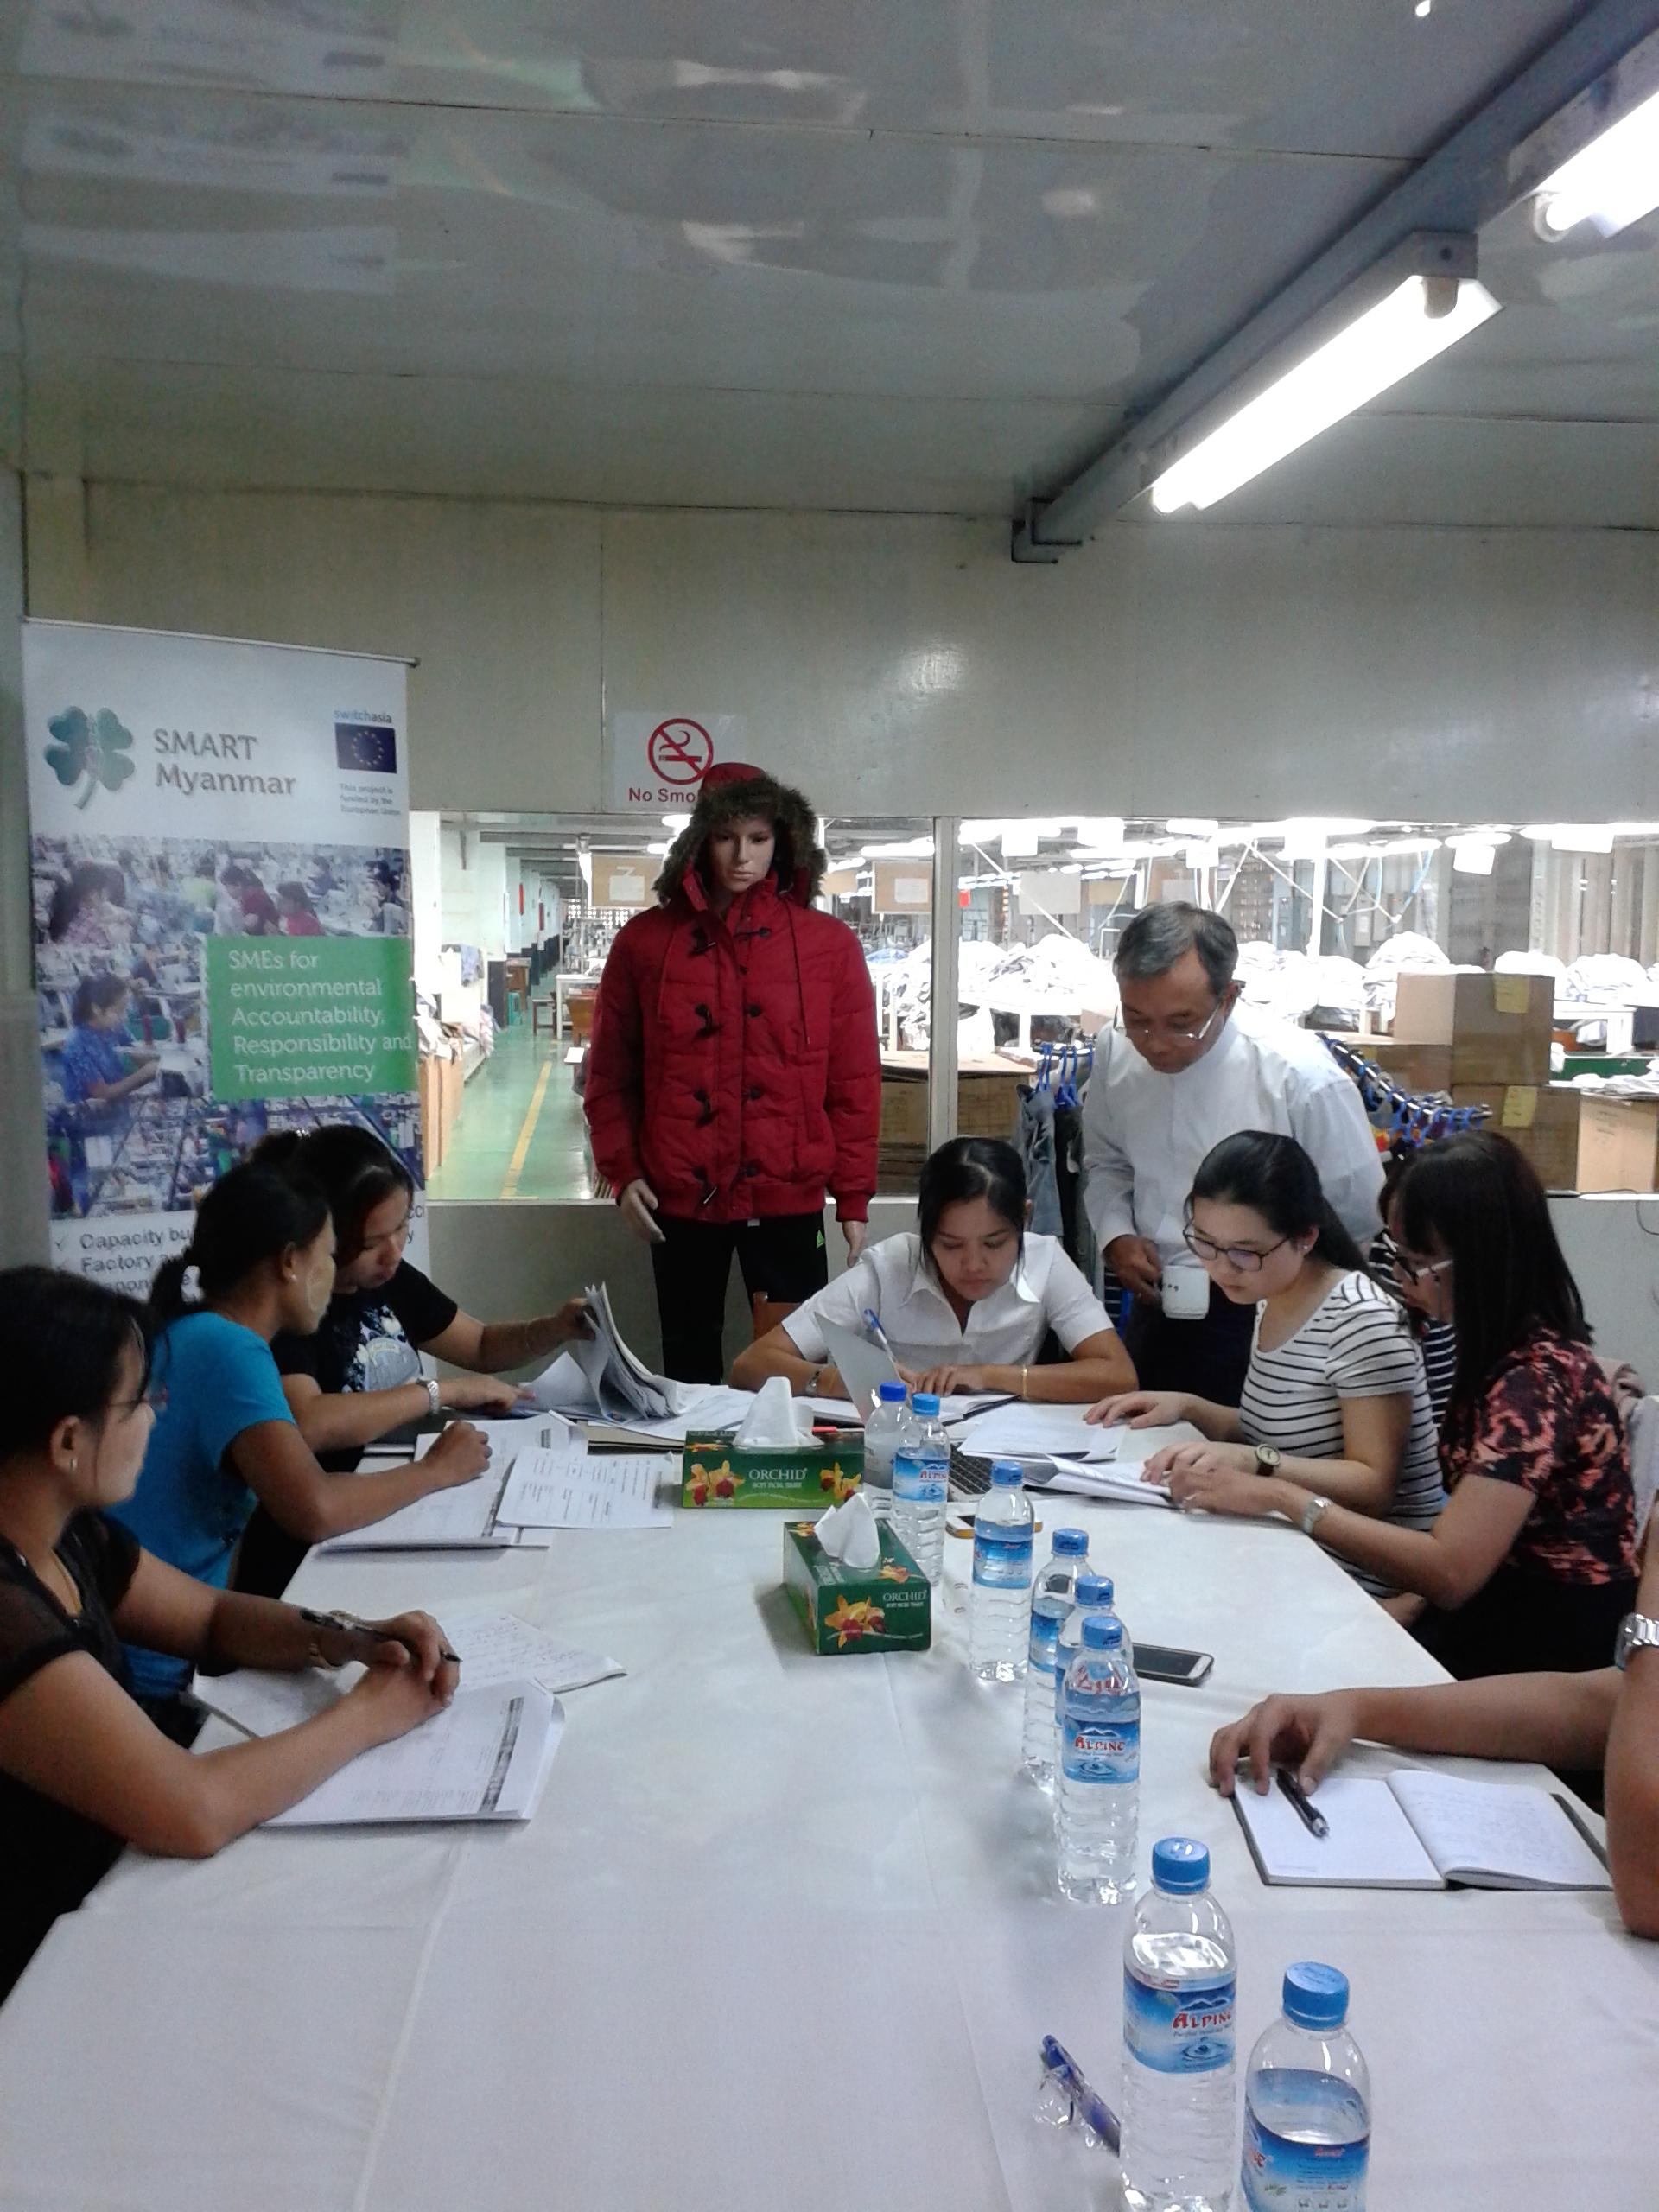 Incontri a Asuncion Paraguay